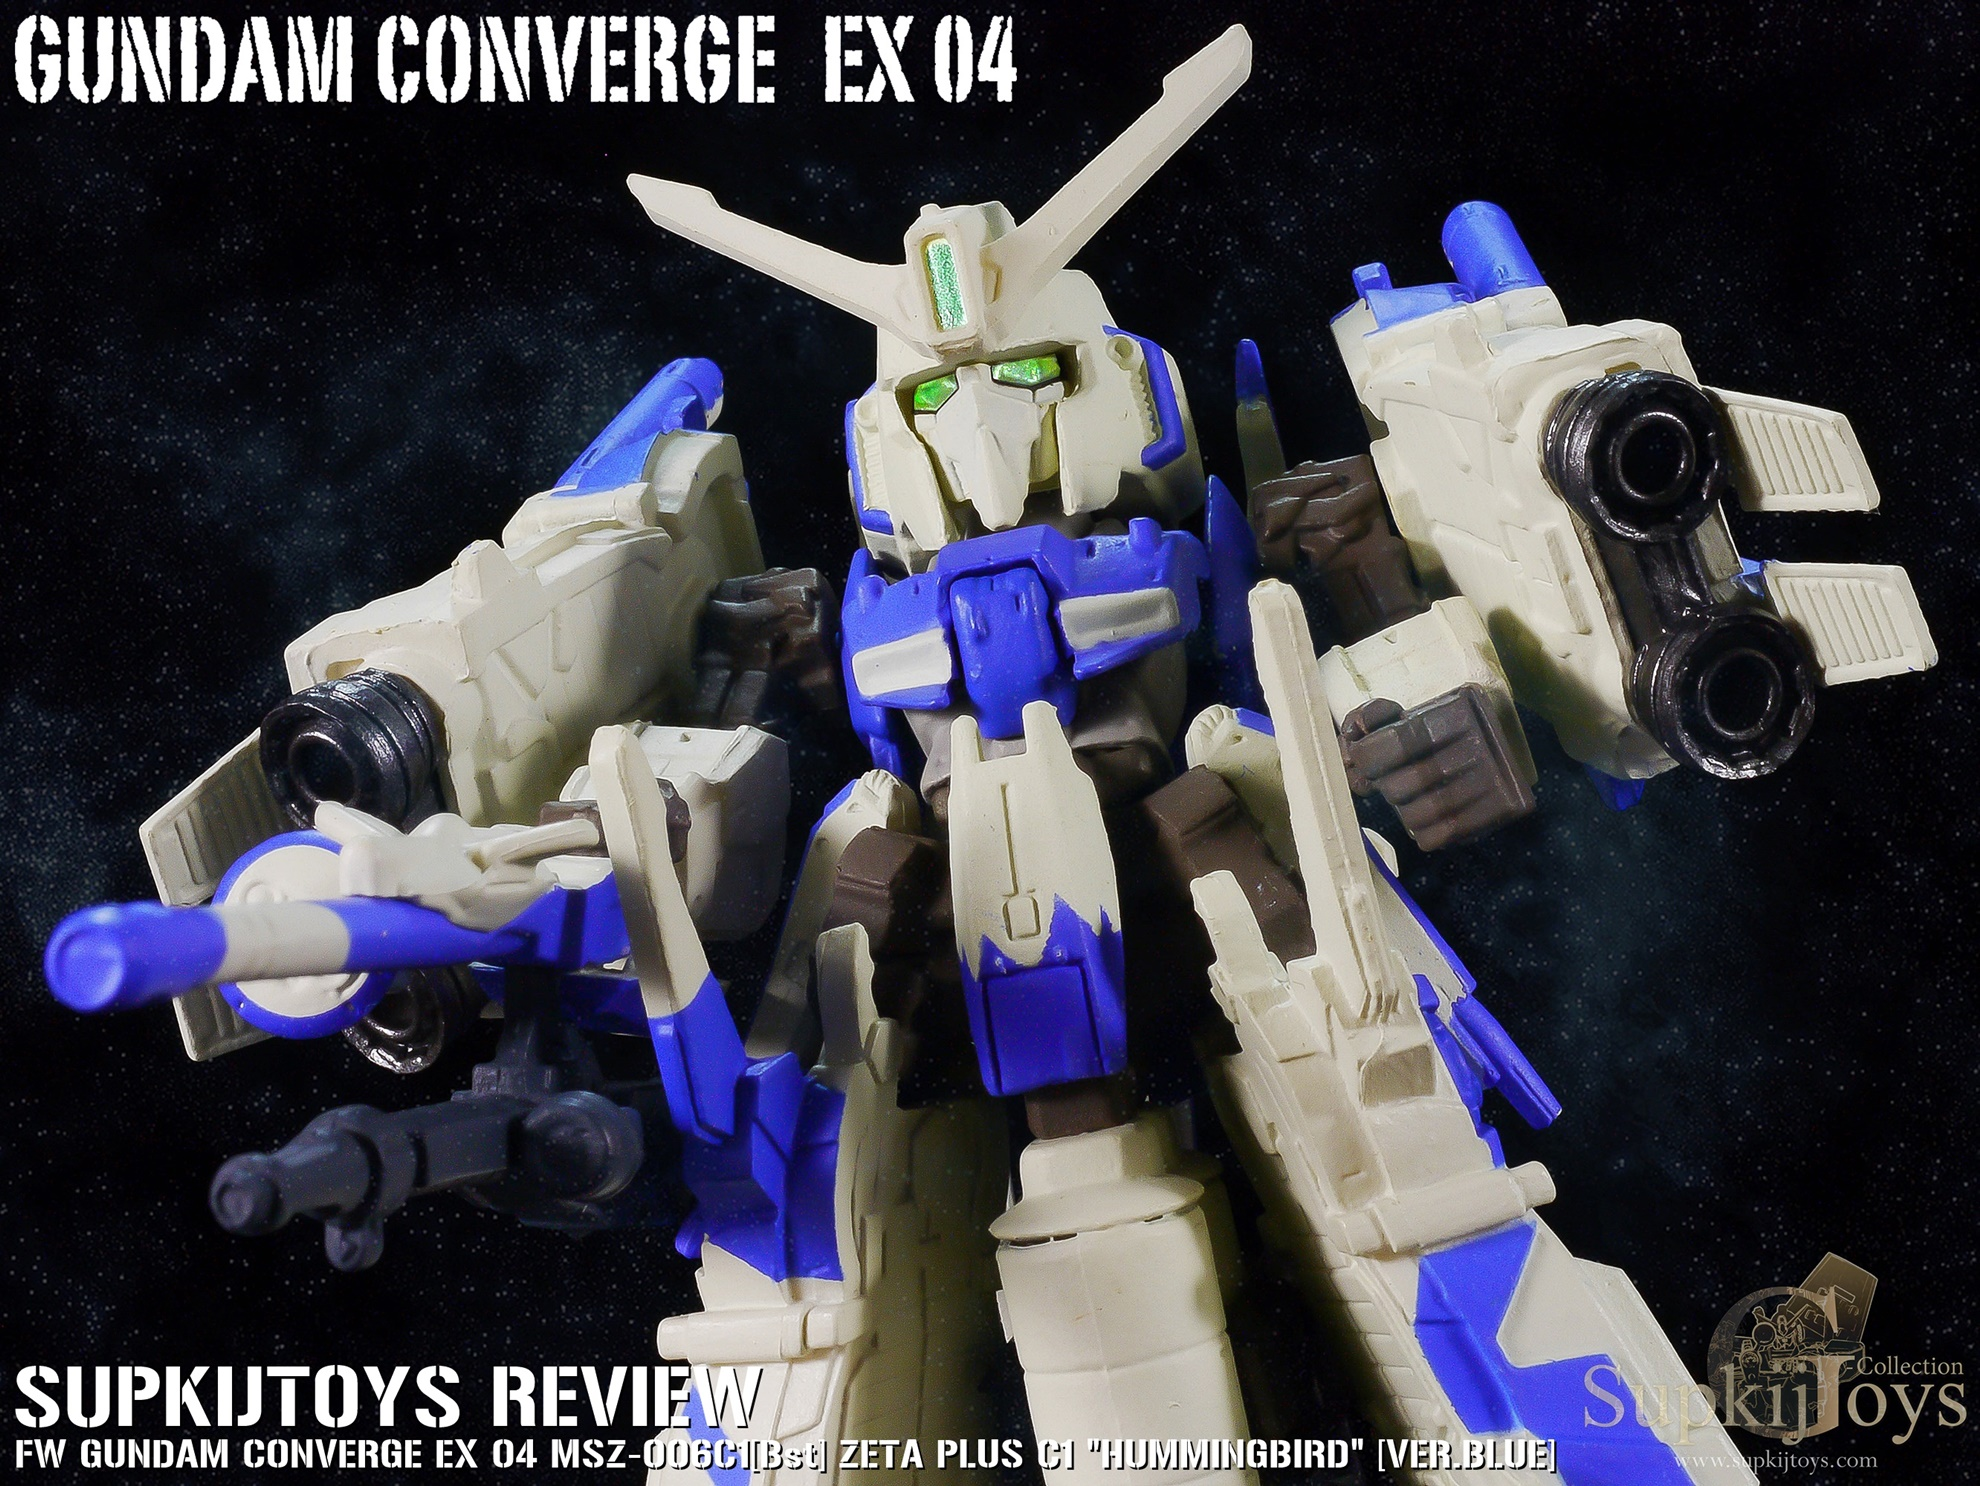 """FW Gundam Converge EX 04 MSZ-006C1[Bst] Zeta Plus C1 """"Hummingbird"""" [Ver.Blue]"""